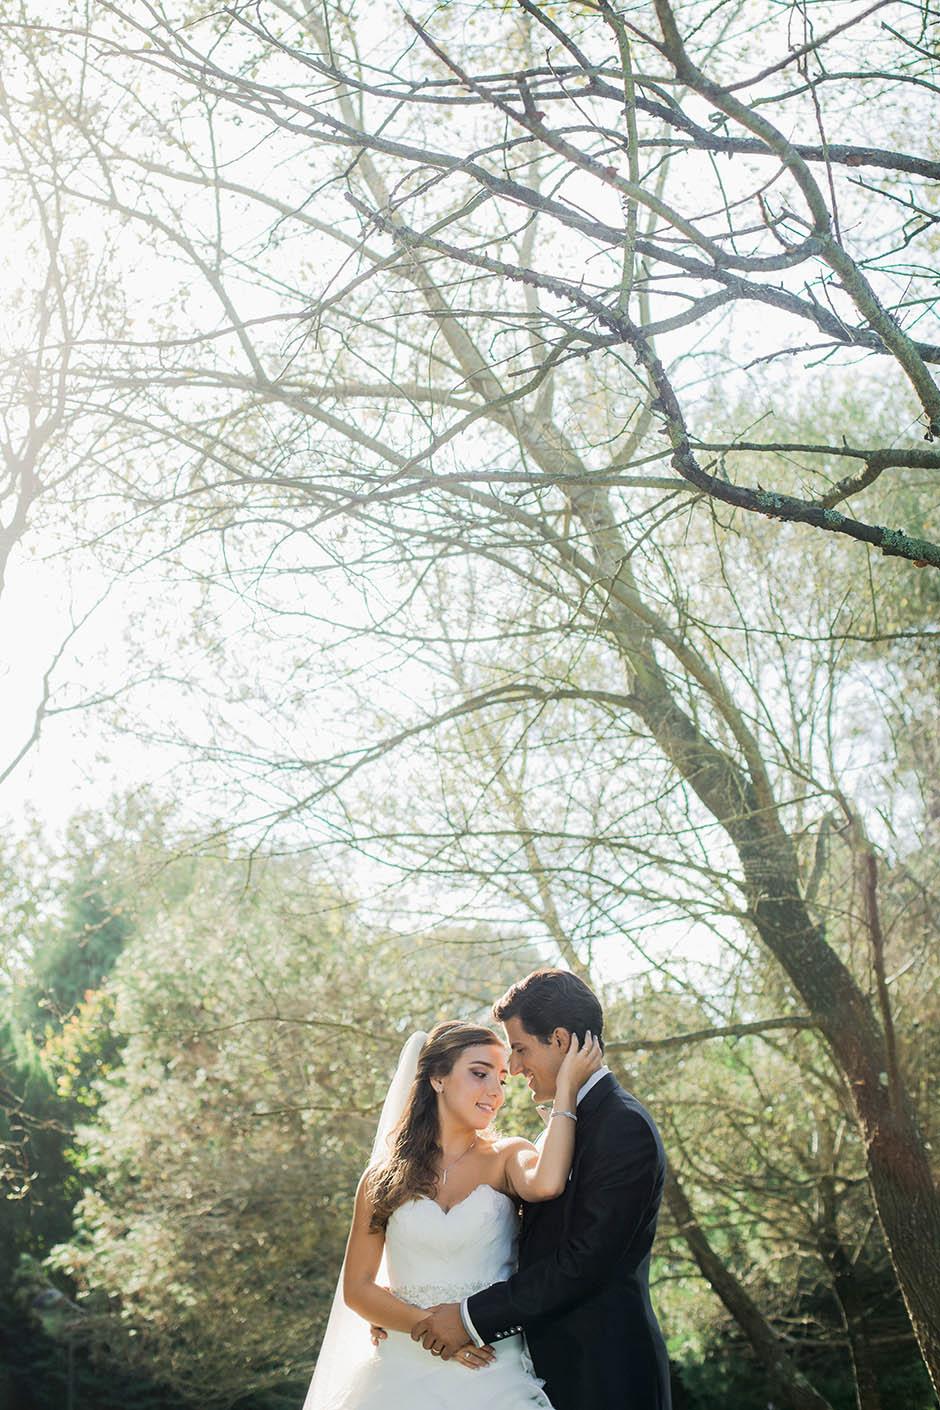 029 Jaime Neto Photography wedding Marta e Dario